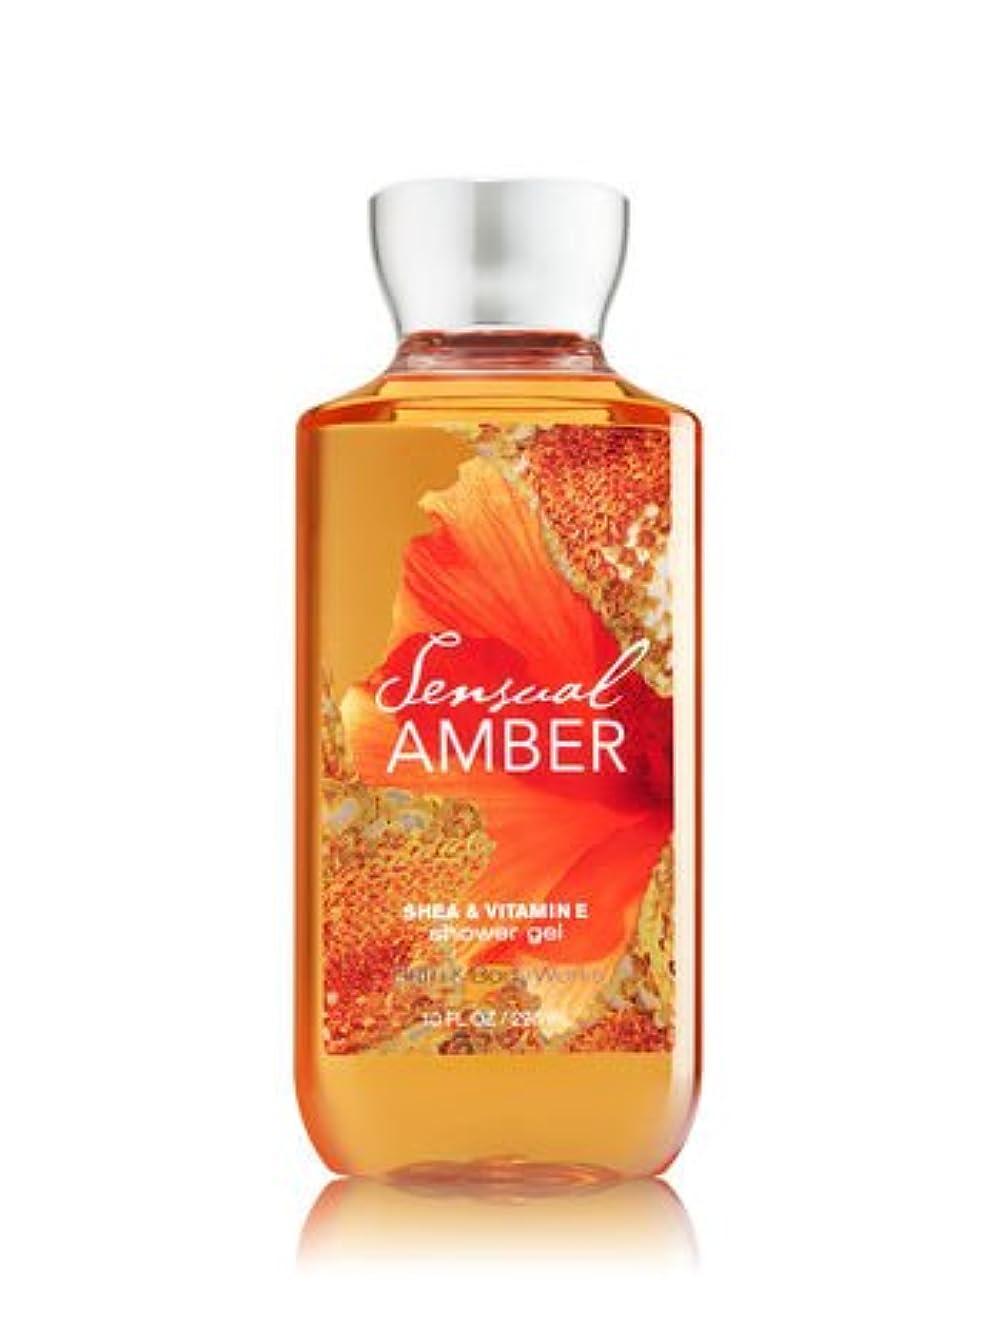 穿孔するアナニバーほこりっぽいバス&ボディワークス センシュアルアンバー シャワージェル Sensual Amber Shower Gel [並行輸入品]